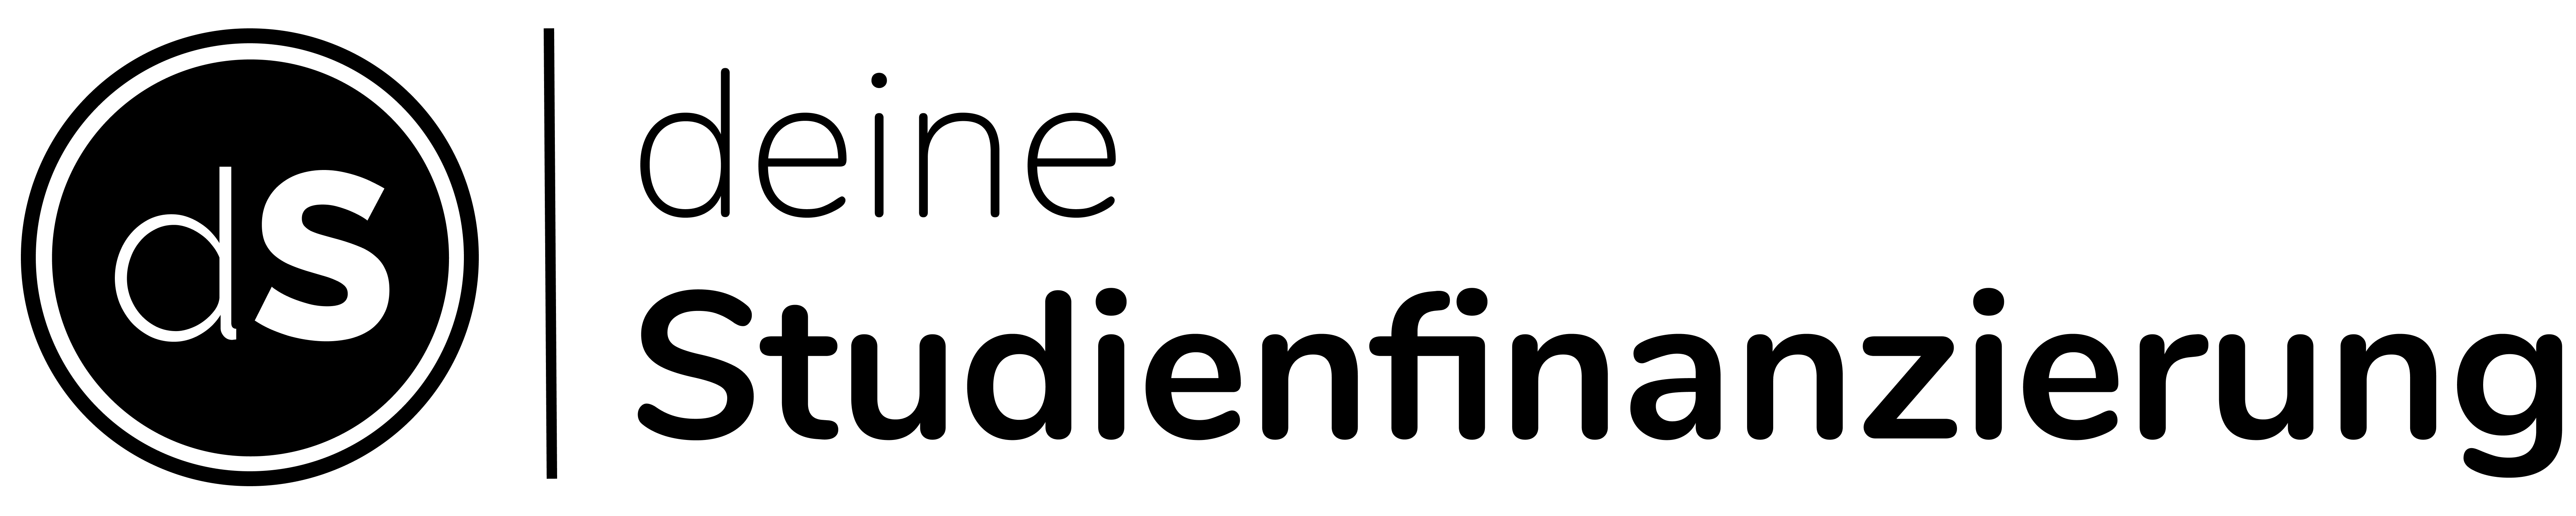 Logo von deineStudienfinanzierung